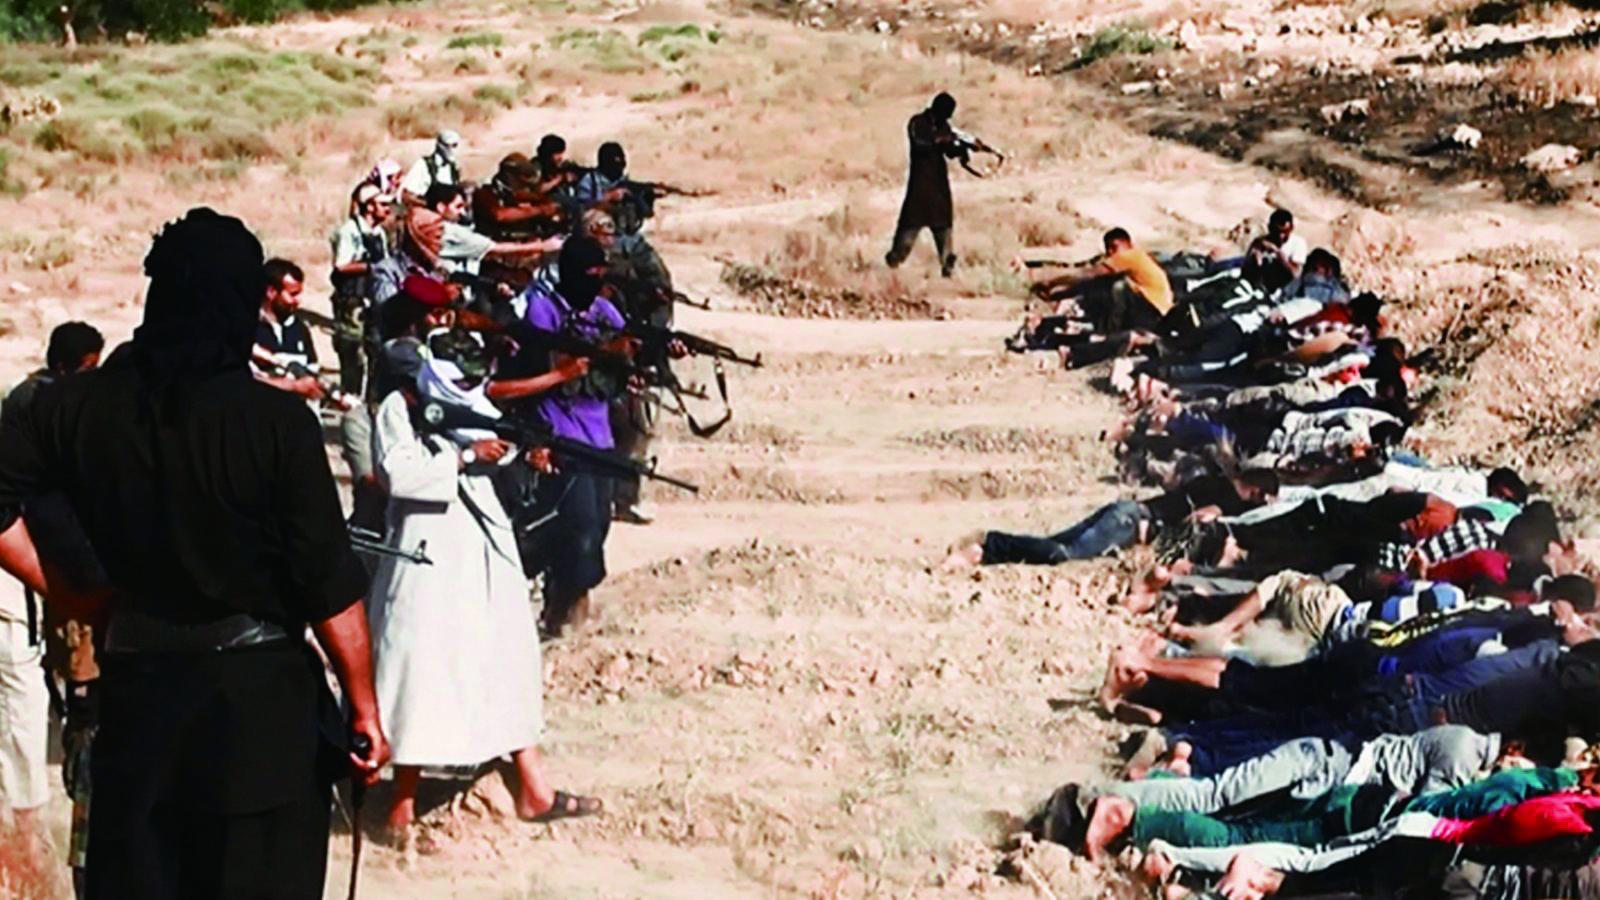 (ISIS集體屠殺宗教異己。)